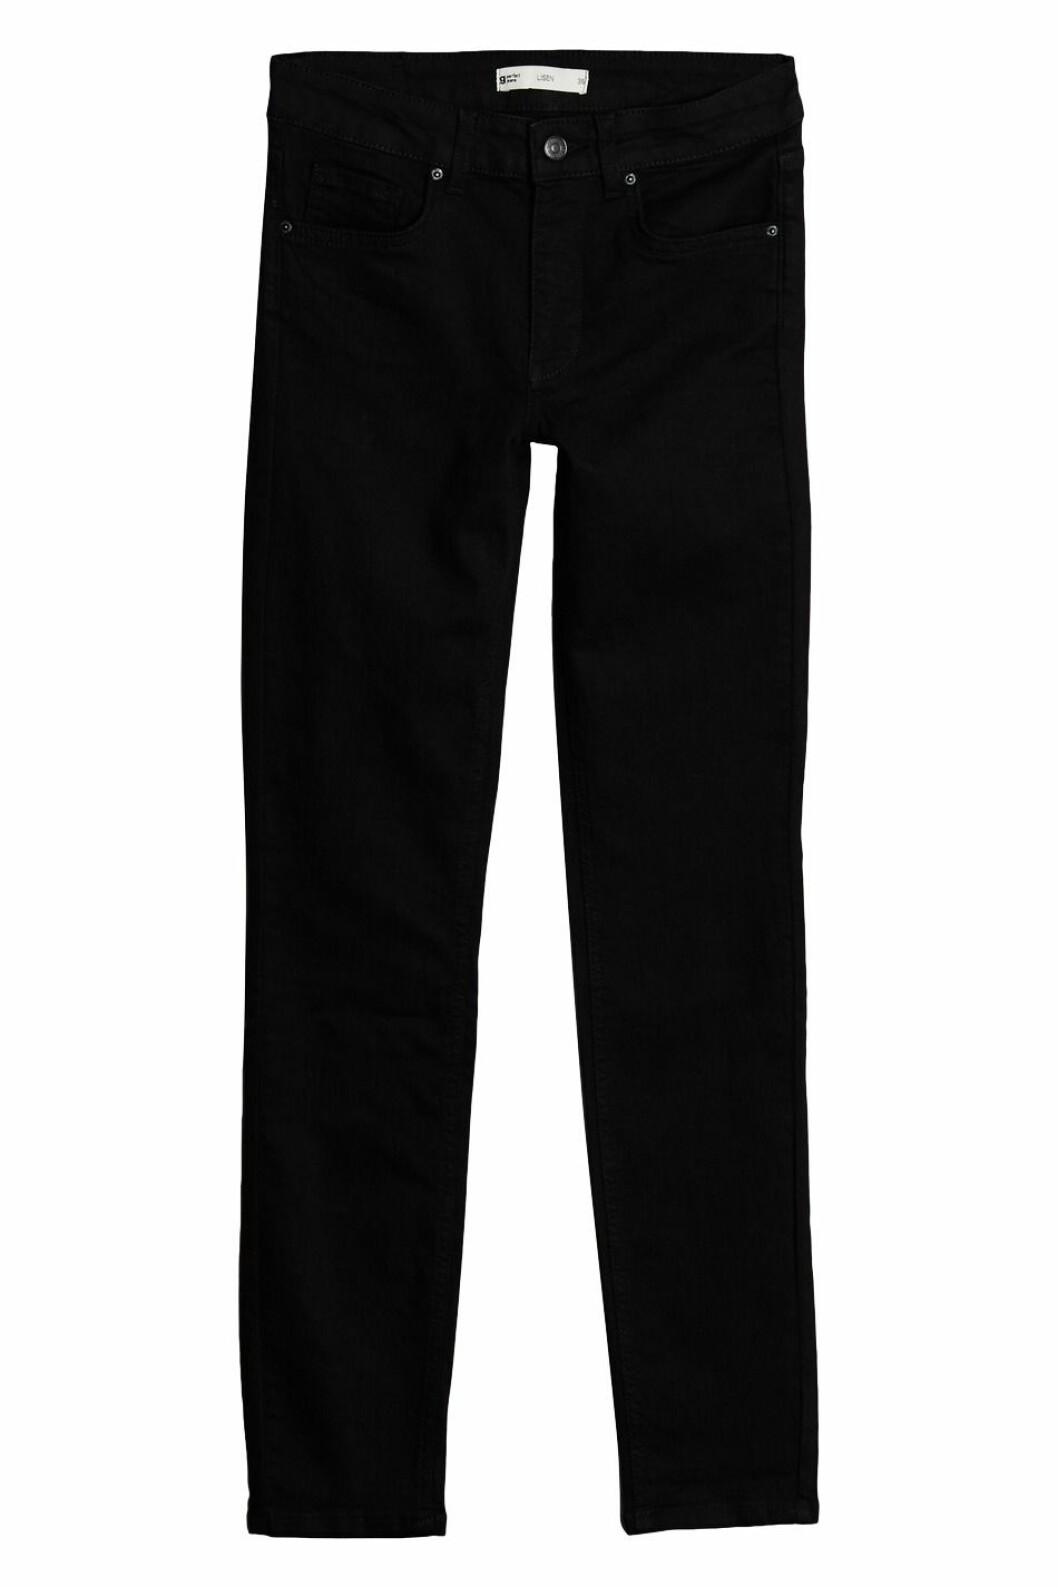 Svarta jeans till hösten 2018